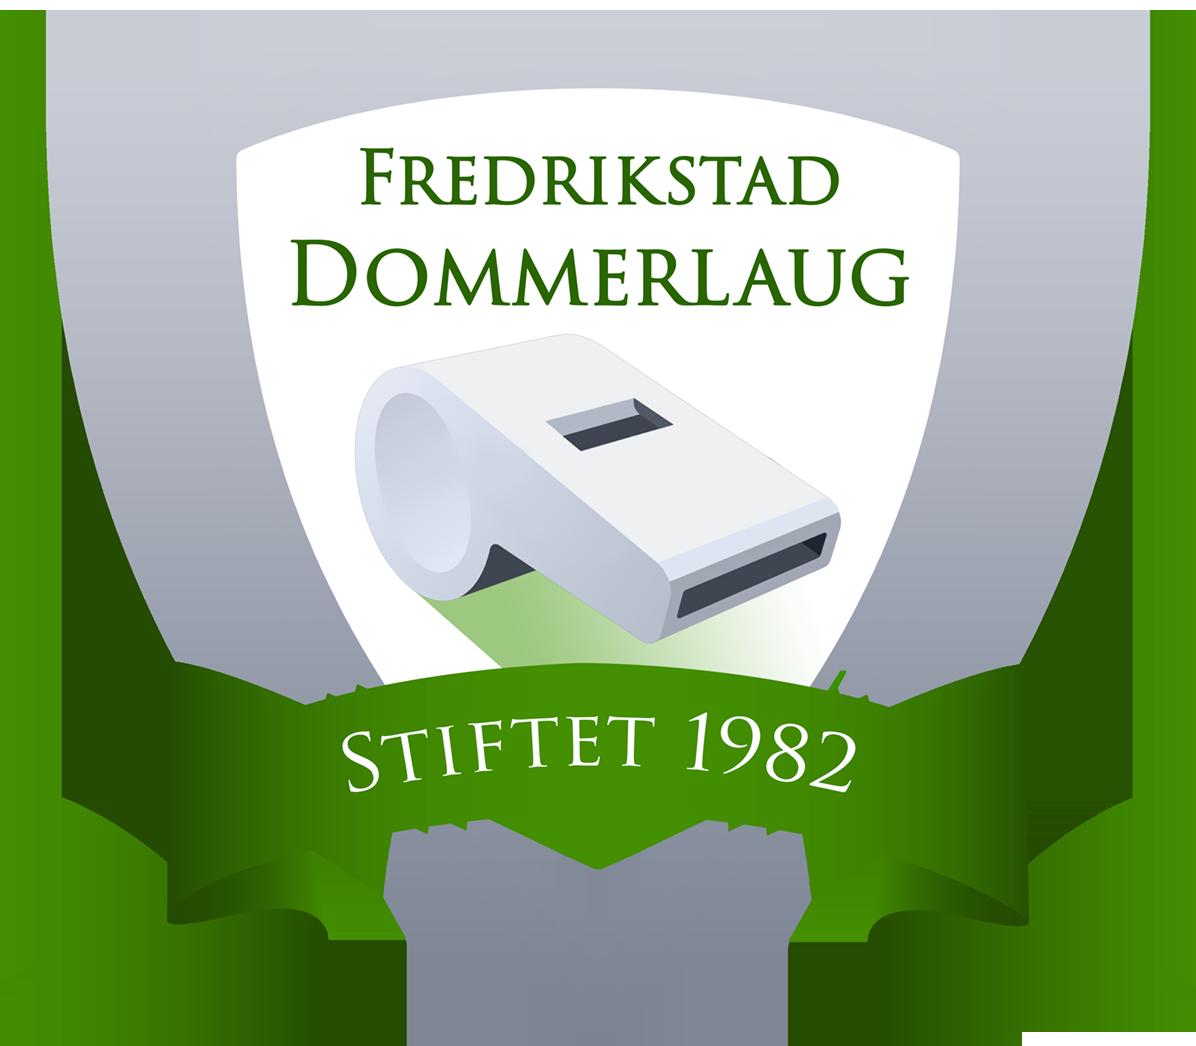 Fredrikstad Dommerlaug